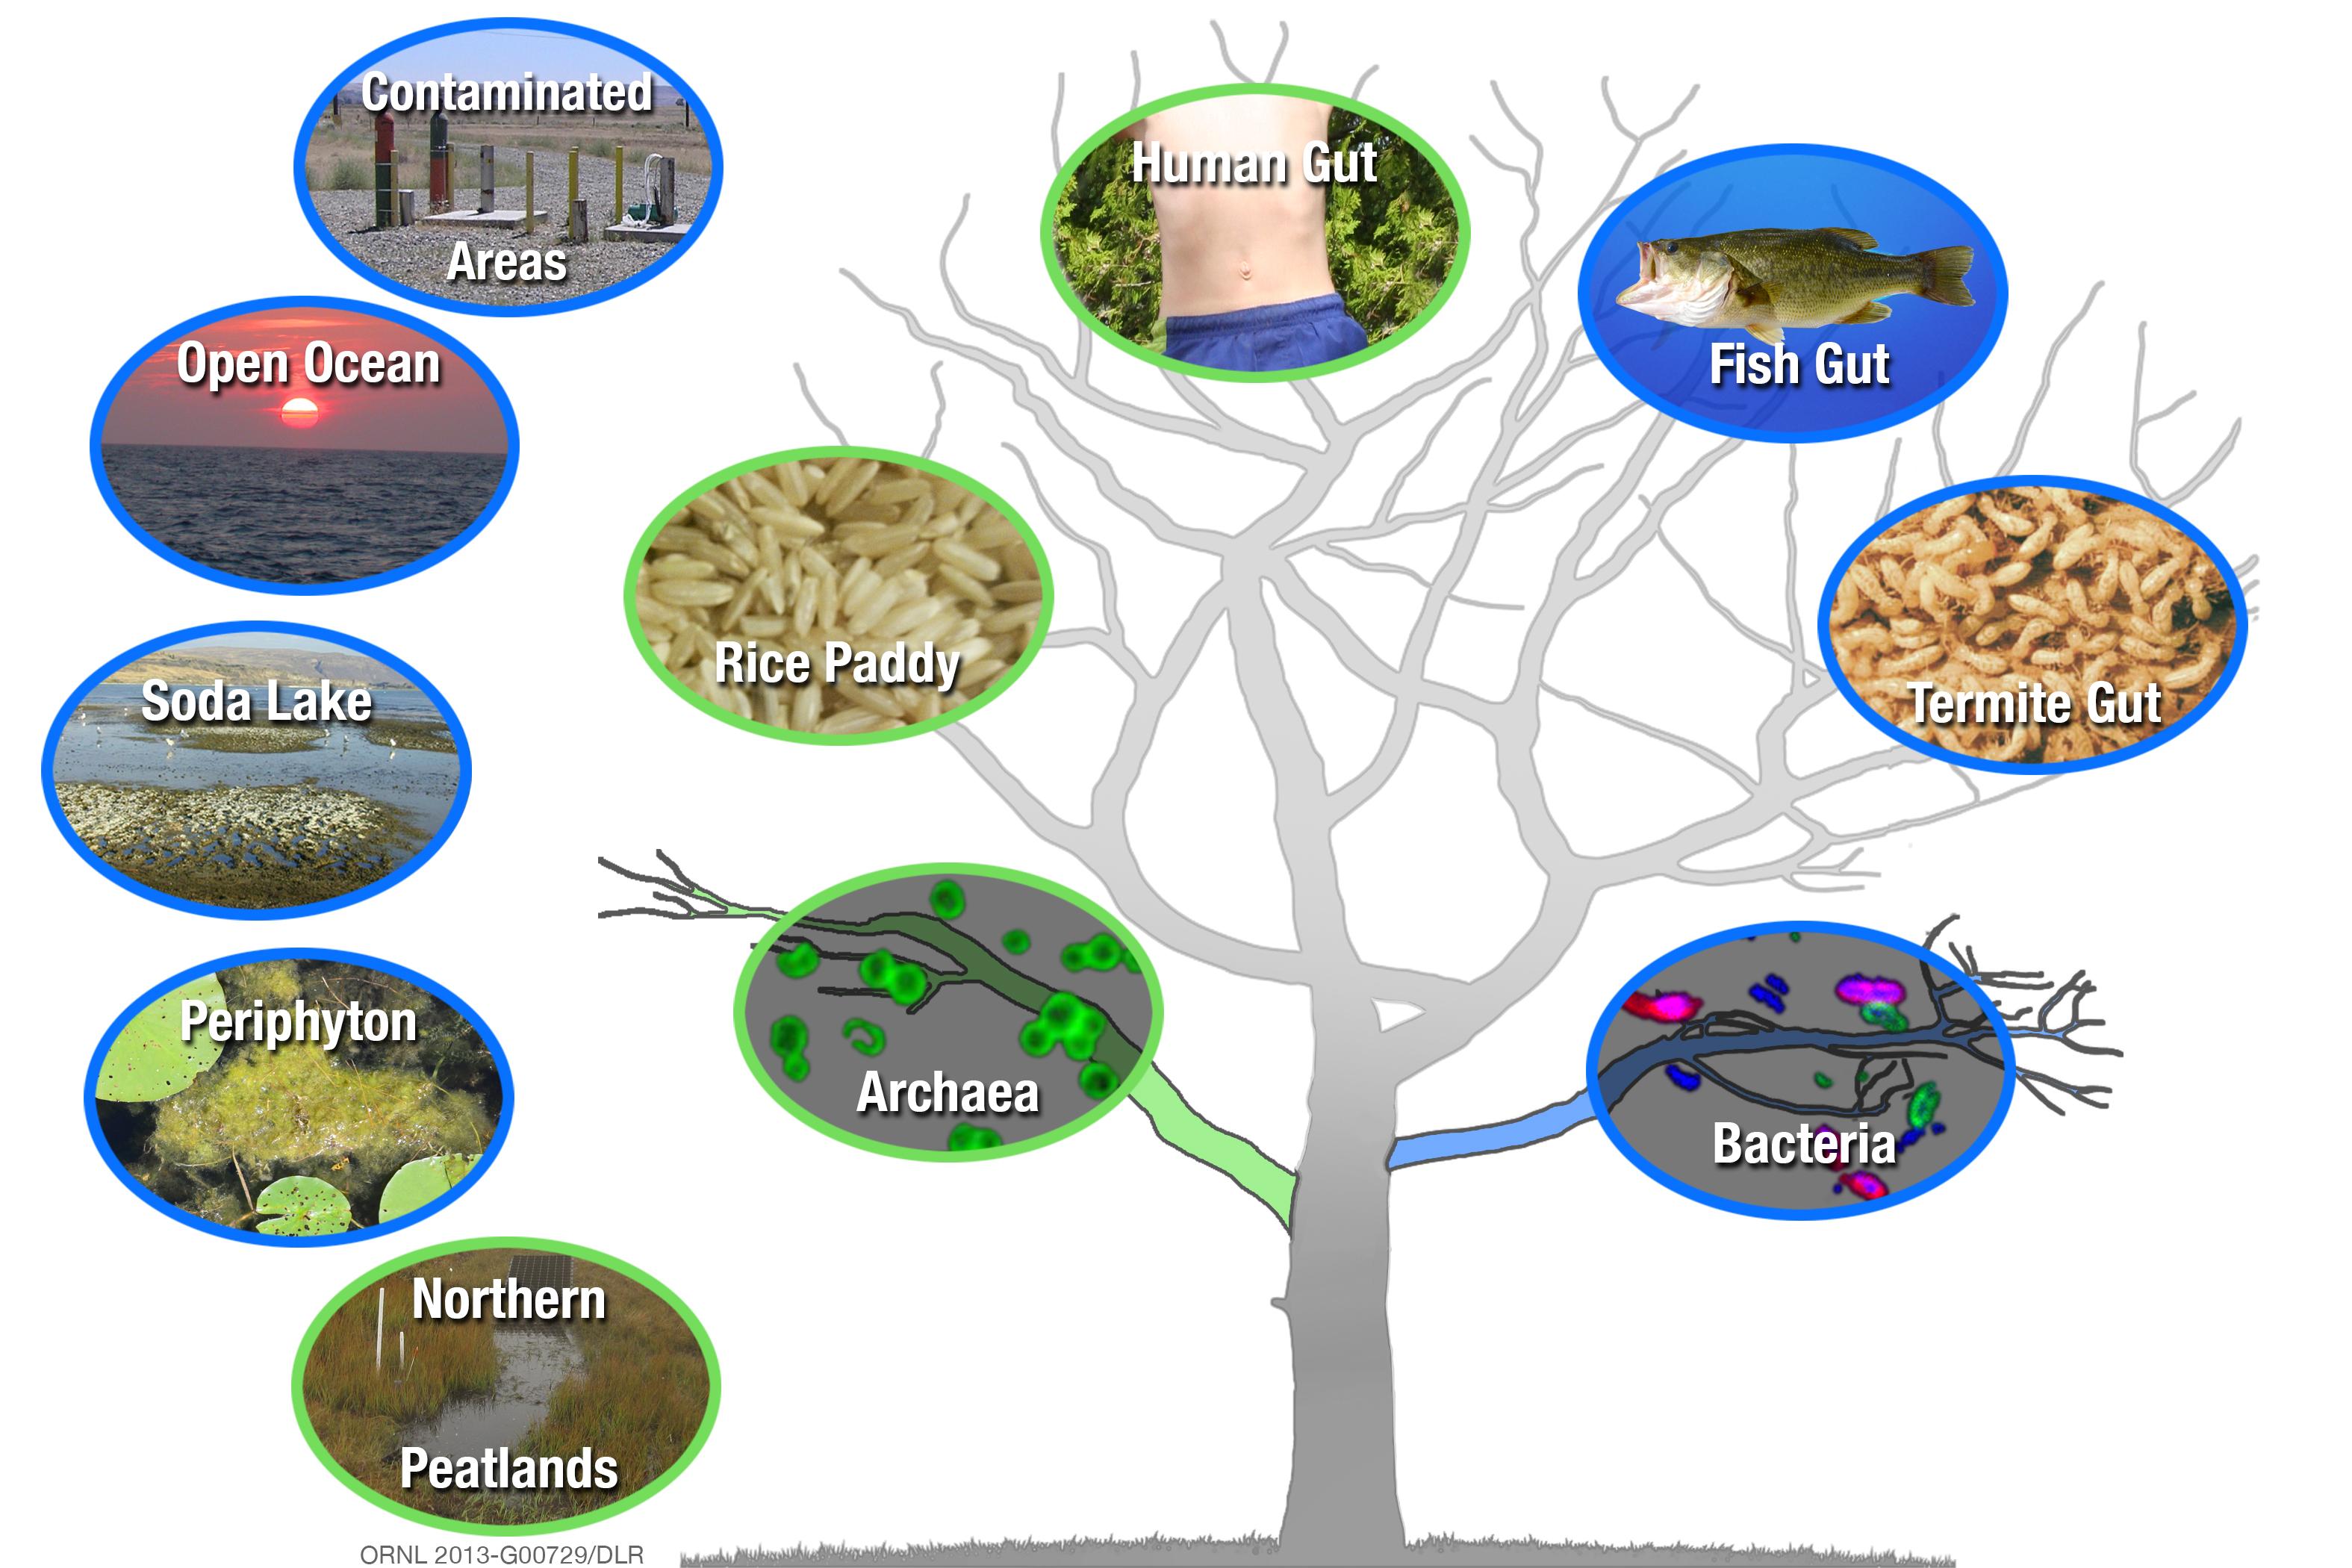 Toxic Methylmercury Producing Microbes More Widespread